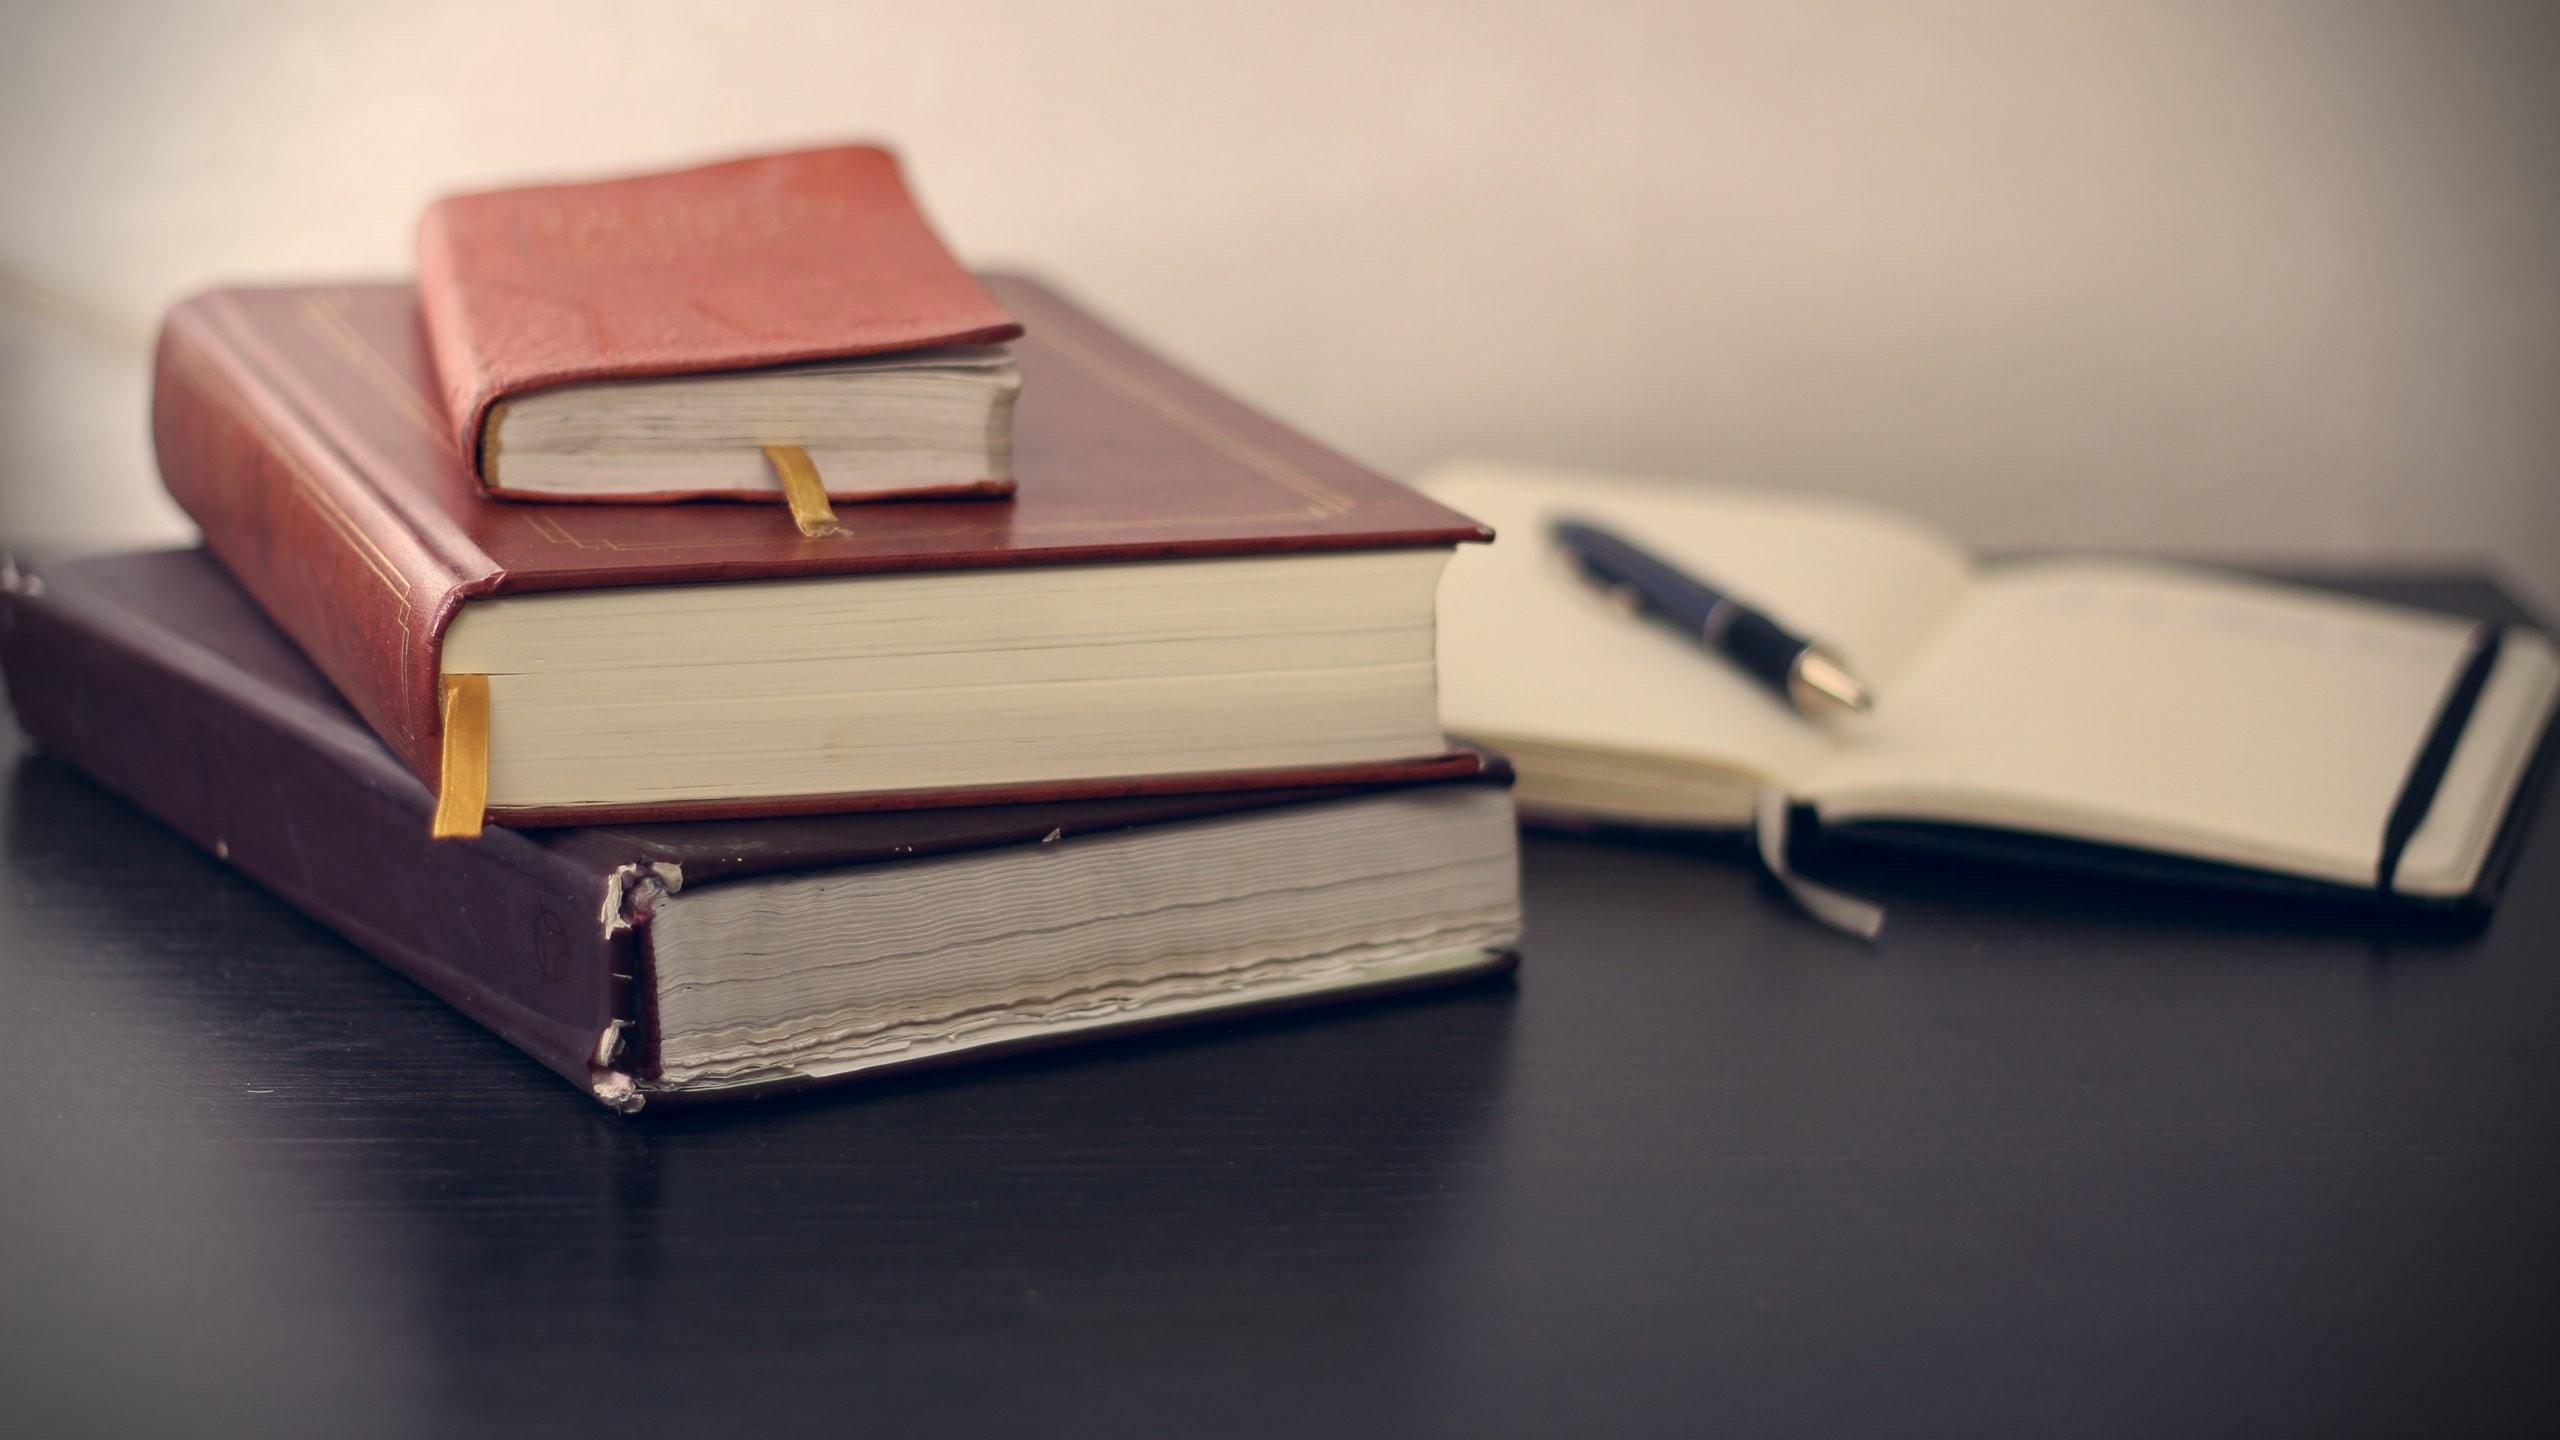 DevDigital Creates Compelling LMS Case Study